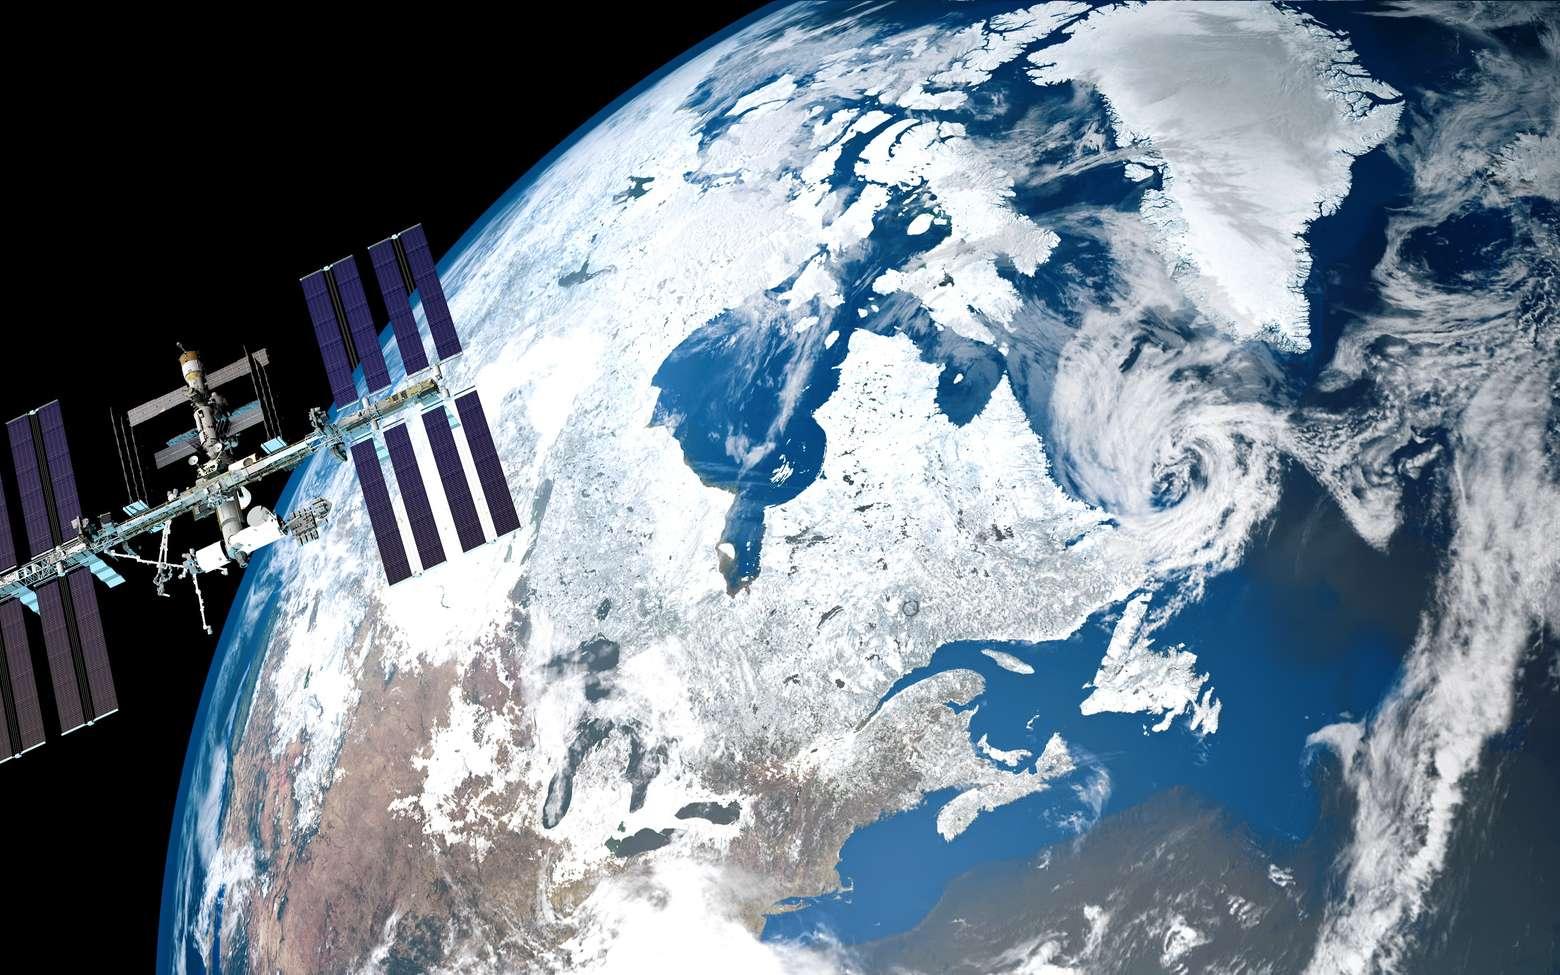 Le Canada sous la neige et la glace depuis l'espace, un photomontage avec l'ISS. © fotolia, Sasa Kadrijevic